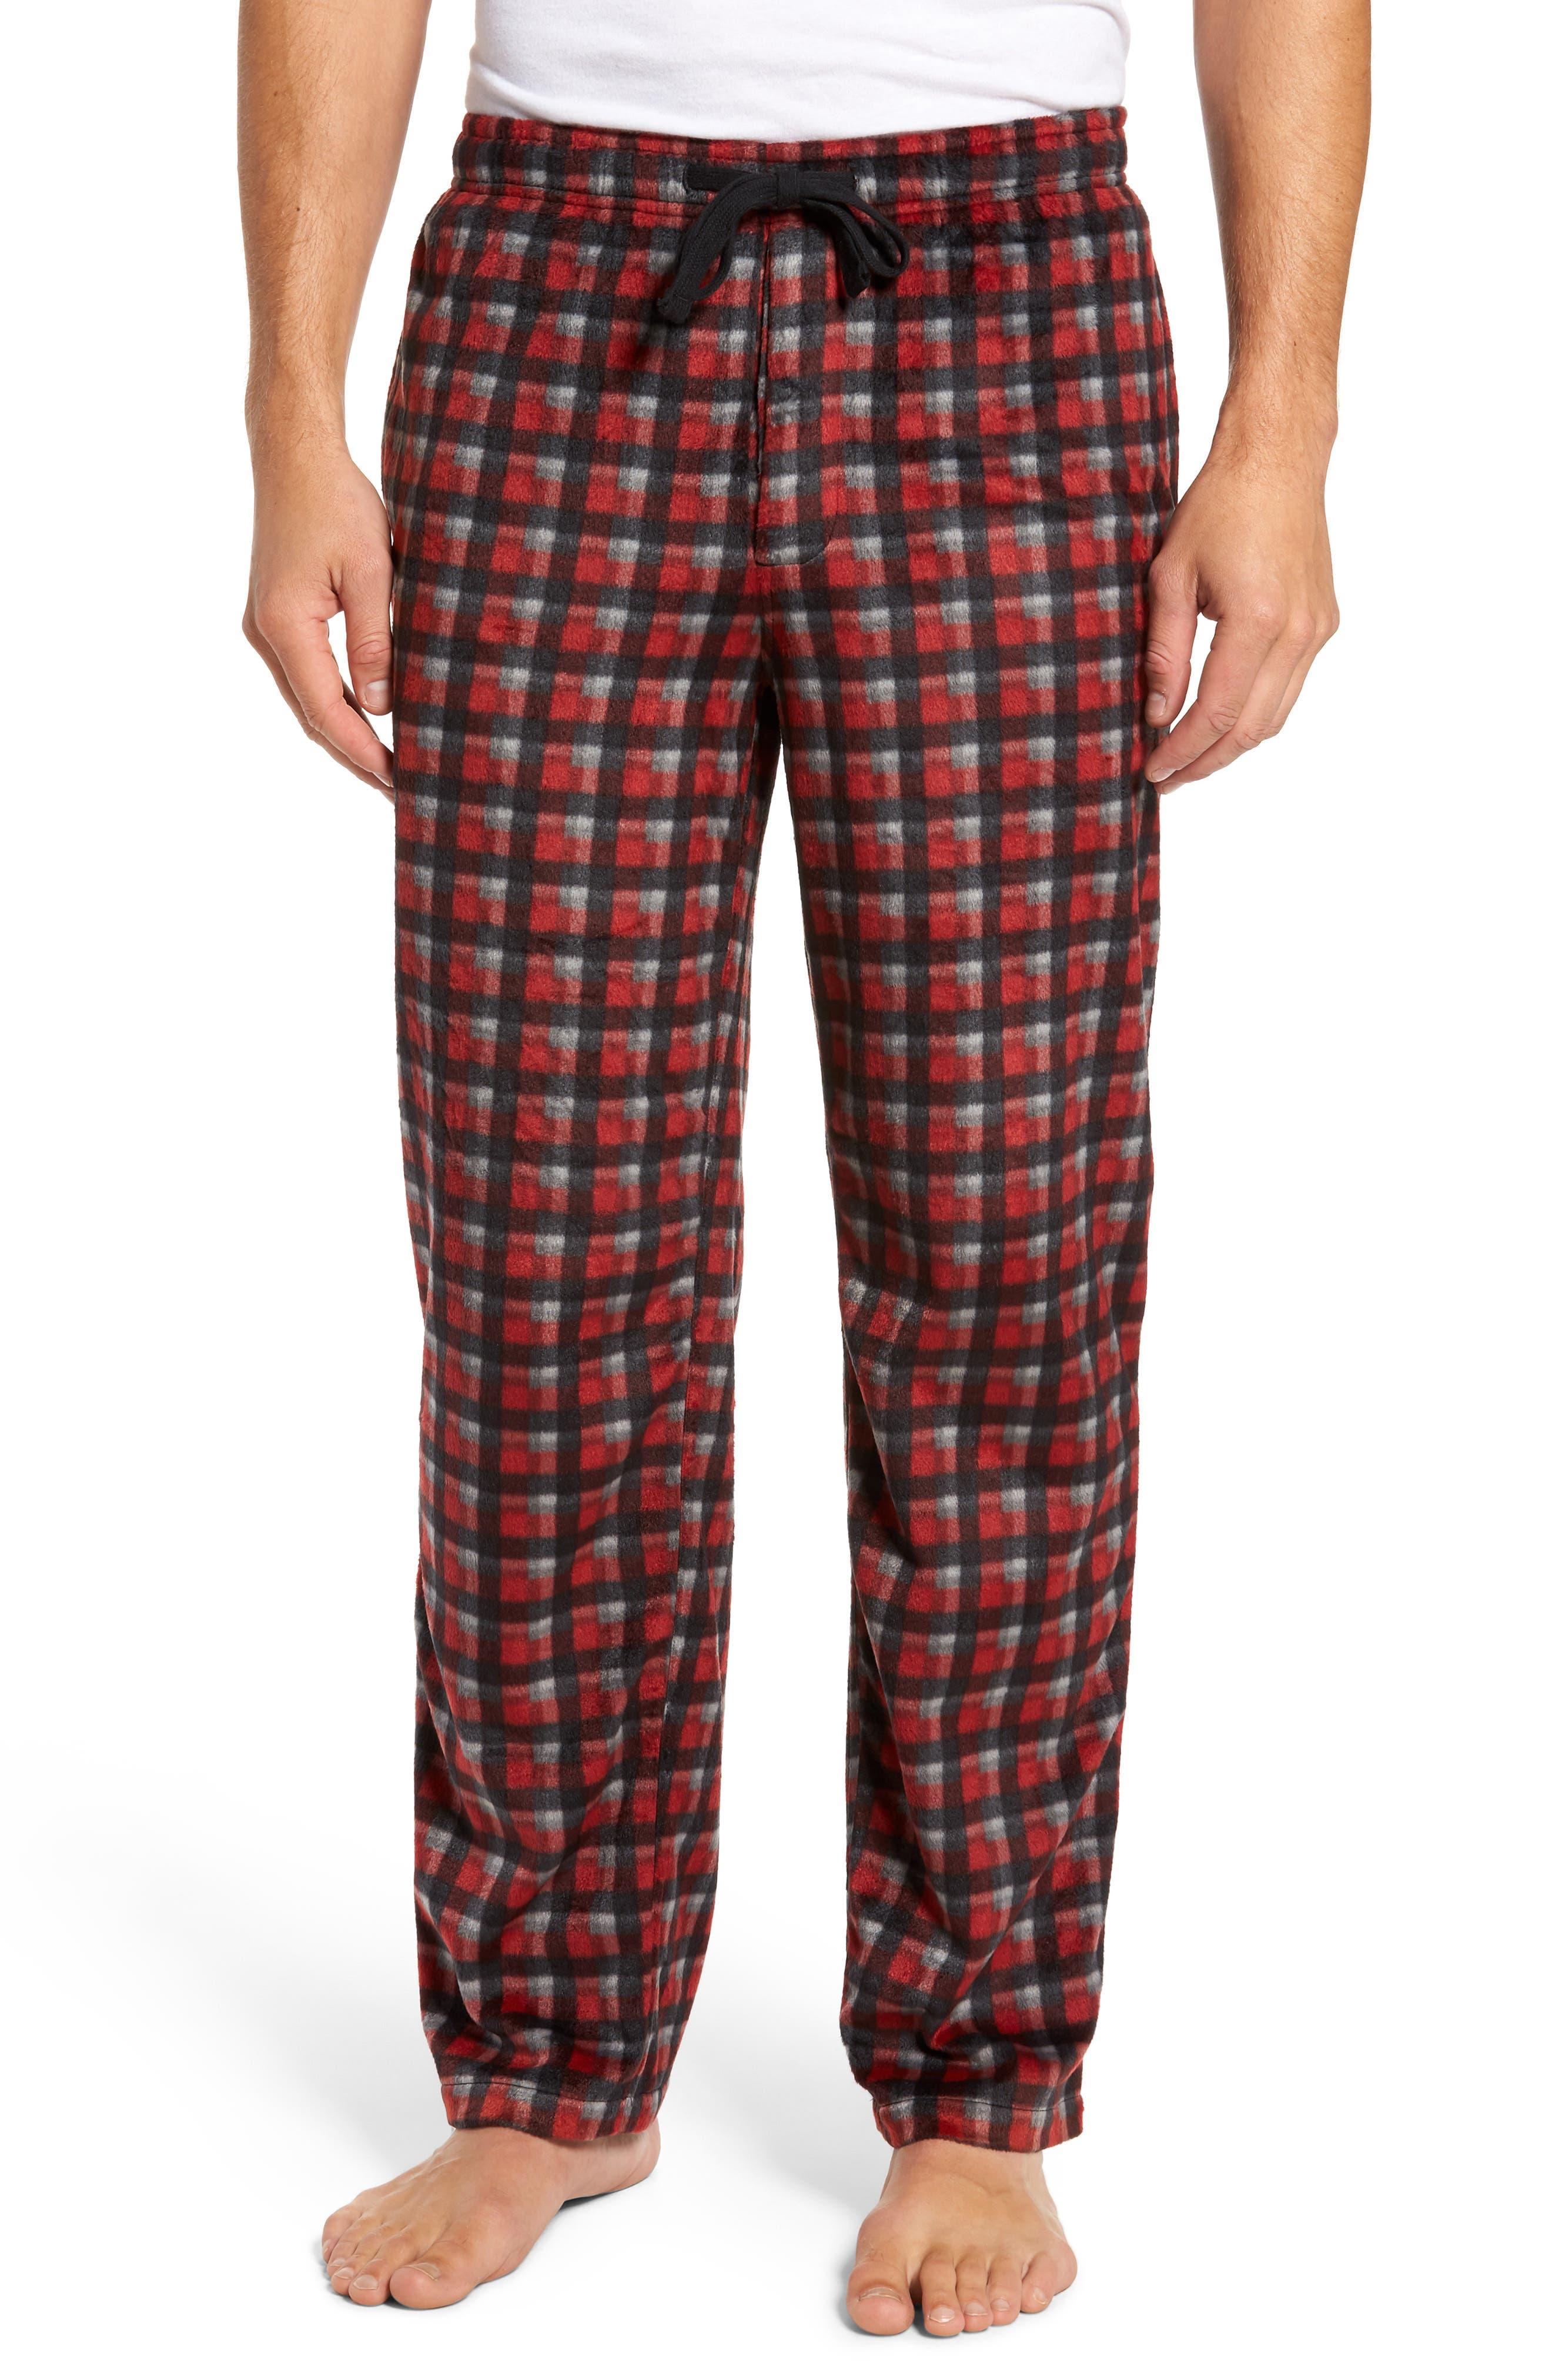 Nordstrom Men's Shop Fleece Lounge Pants